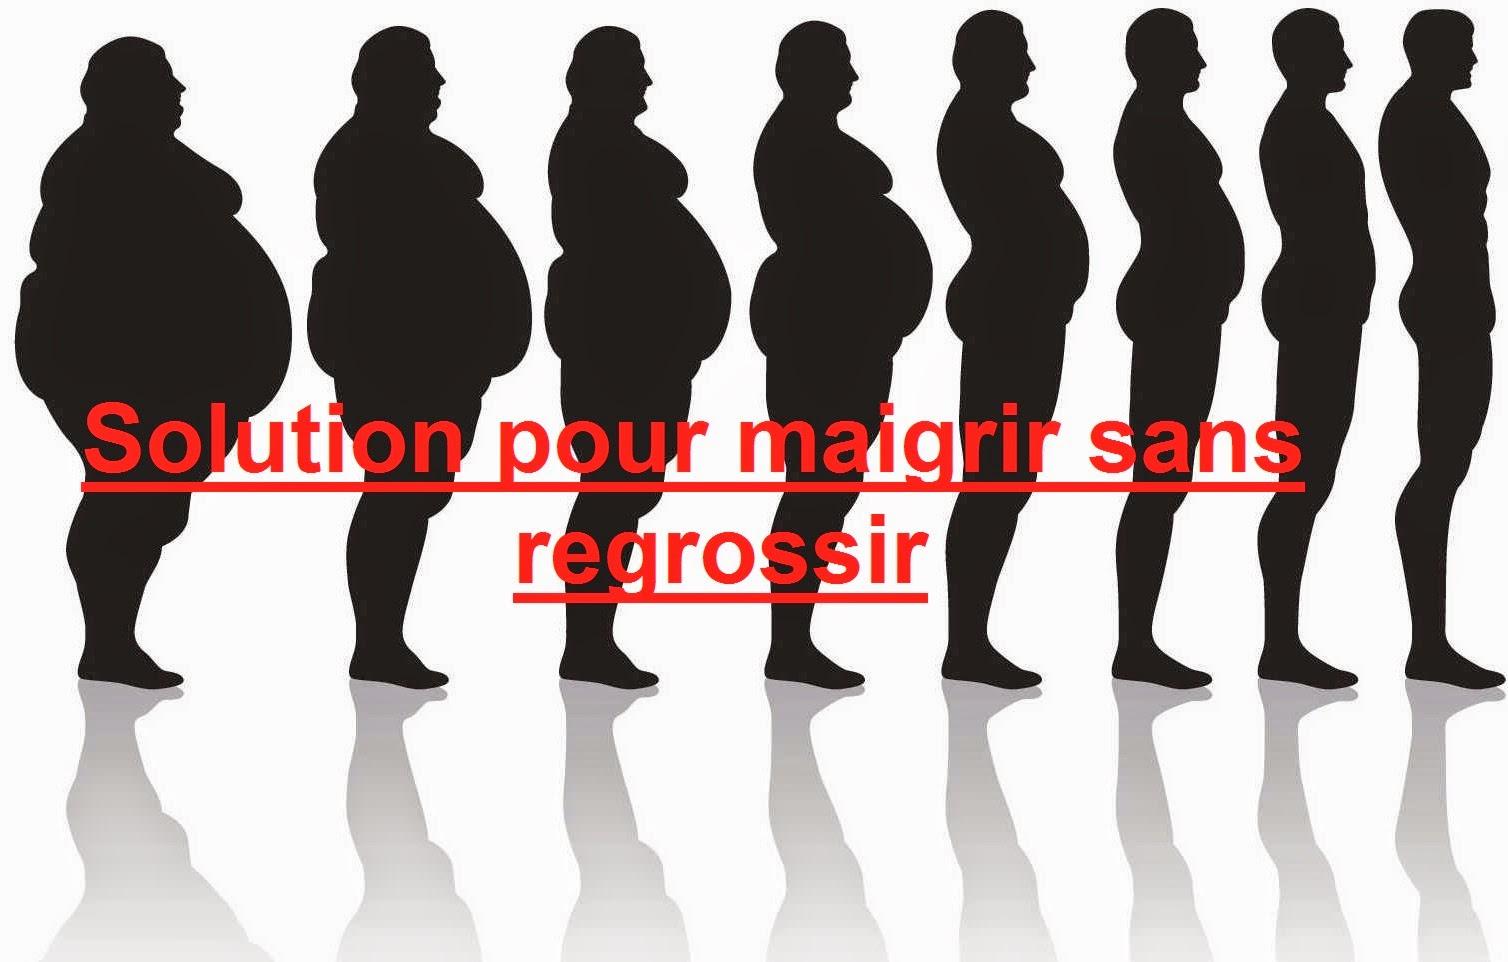 Solution pour maigrir sans regrossir sports et sant - Programme tapis de course pour maigrir ...